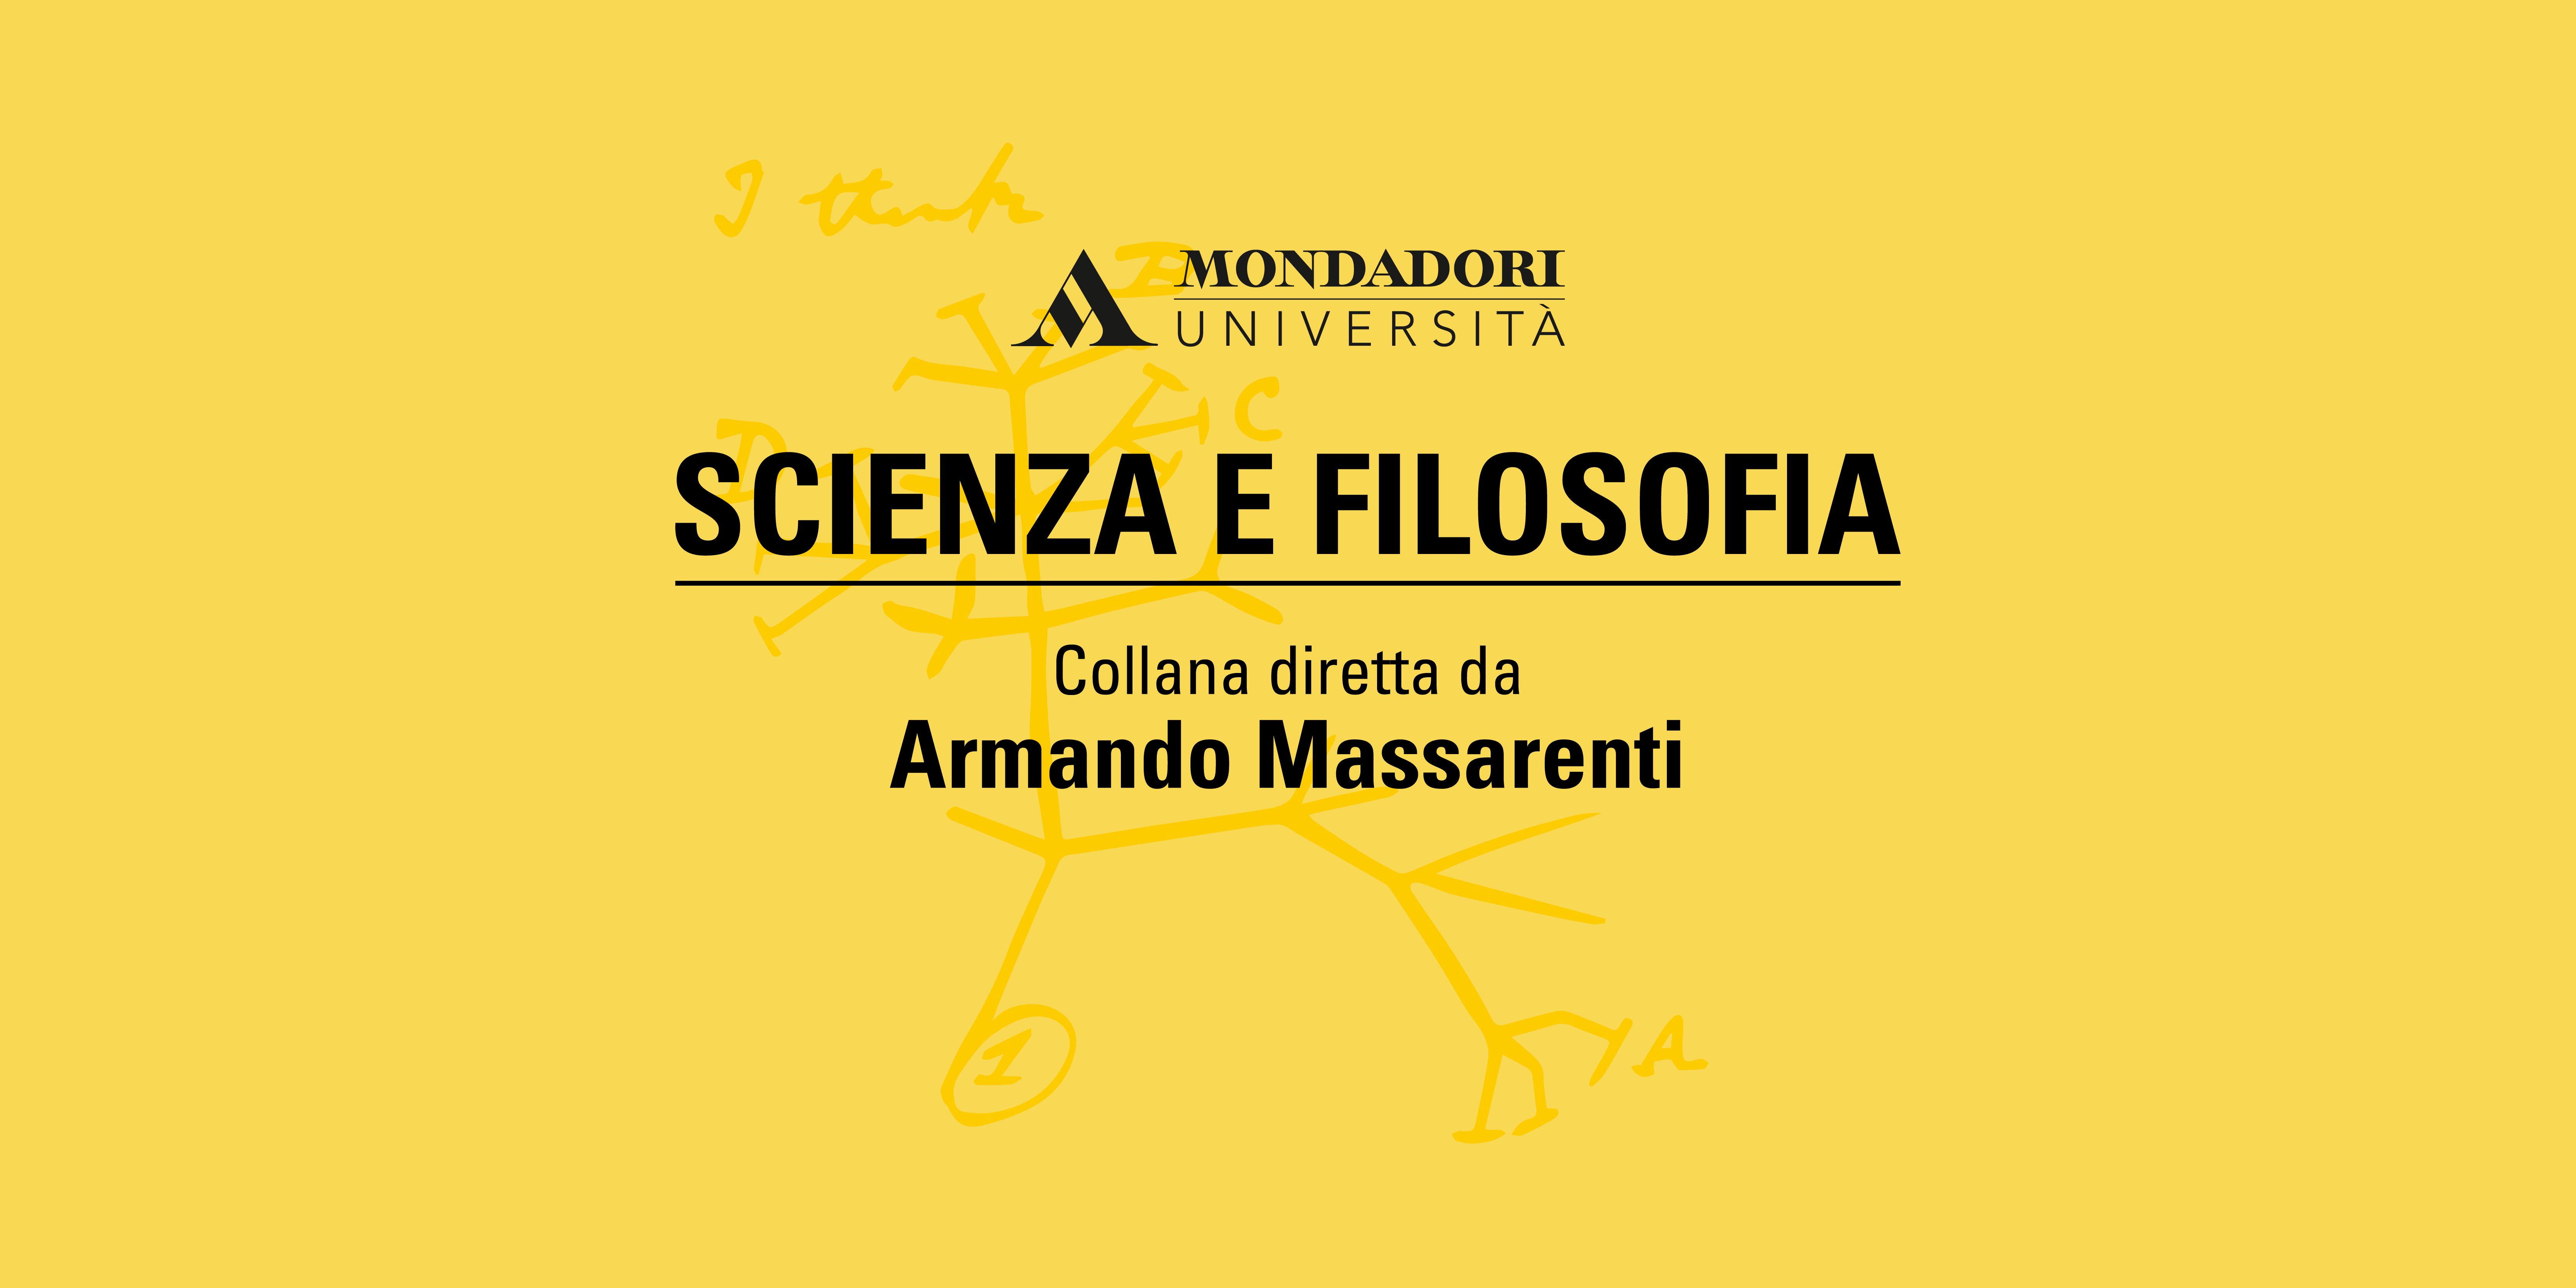 Mondadori Università presenta: Scienza e Filosofia